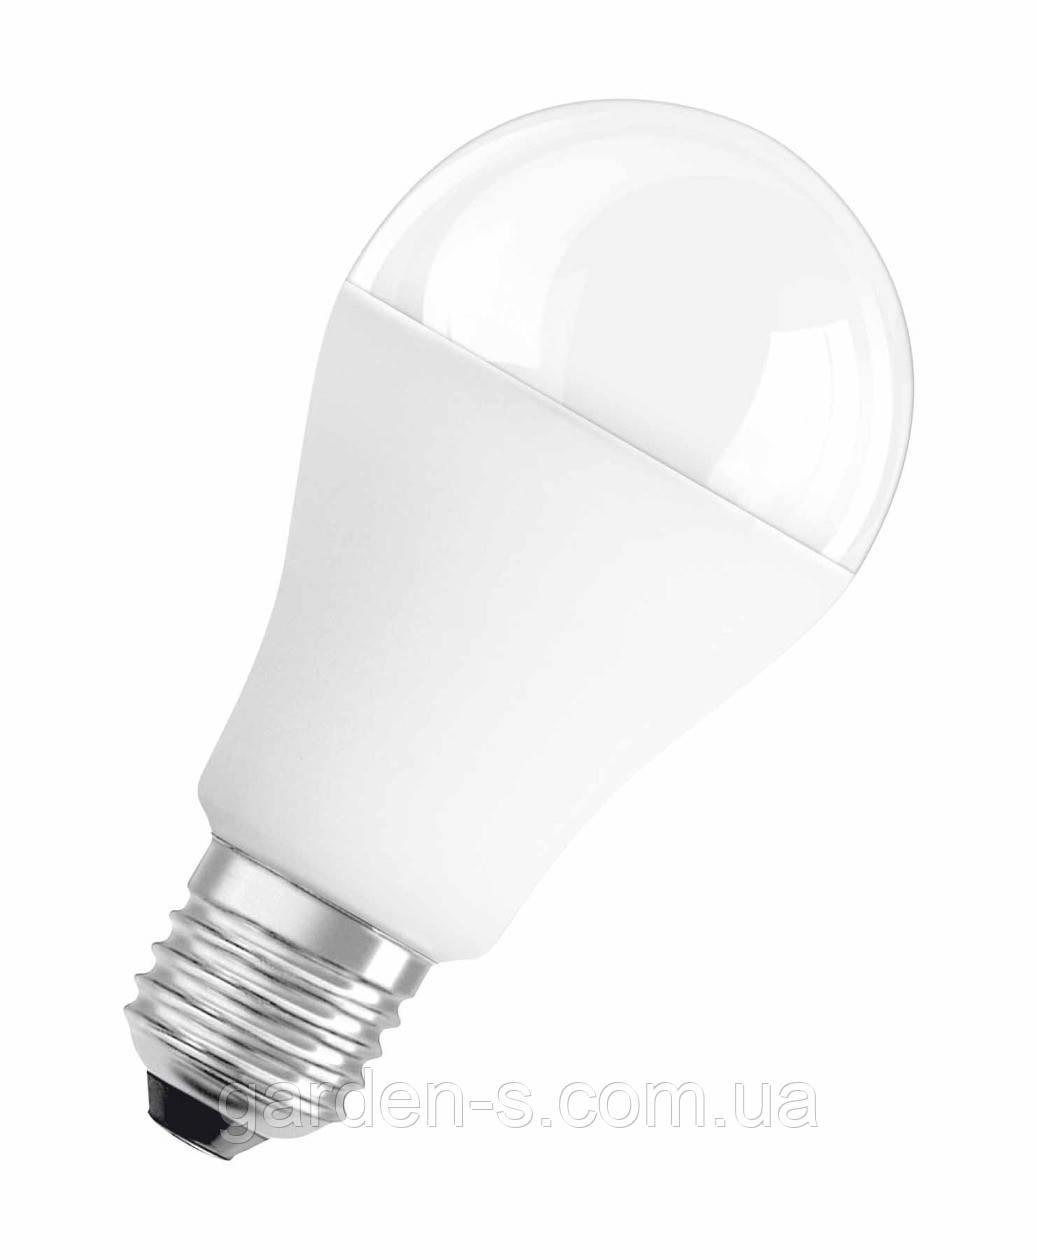 Светодиодная лампа OSRAM LED STAR CLASSIC A 75 12 W/840 E27 FR